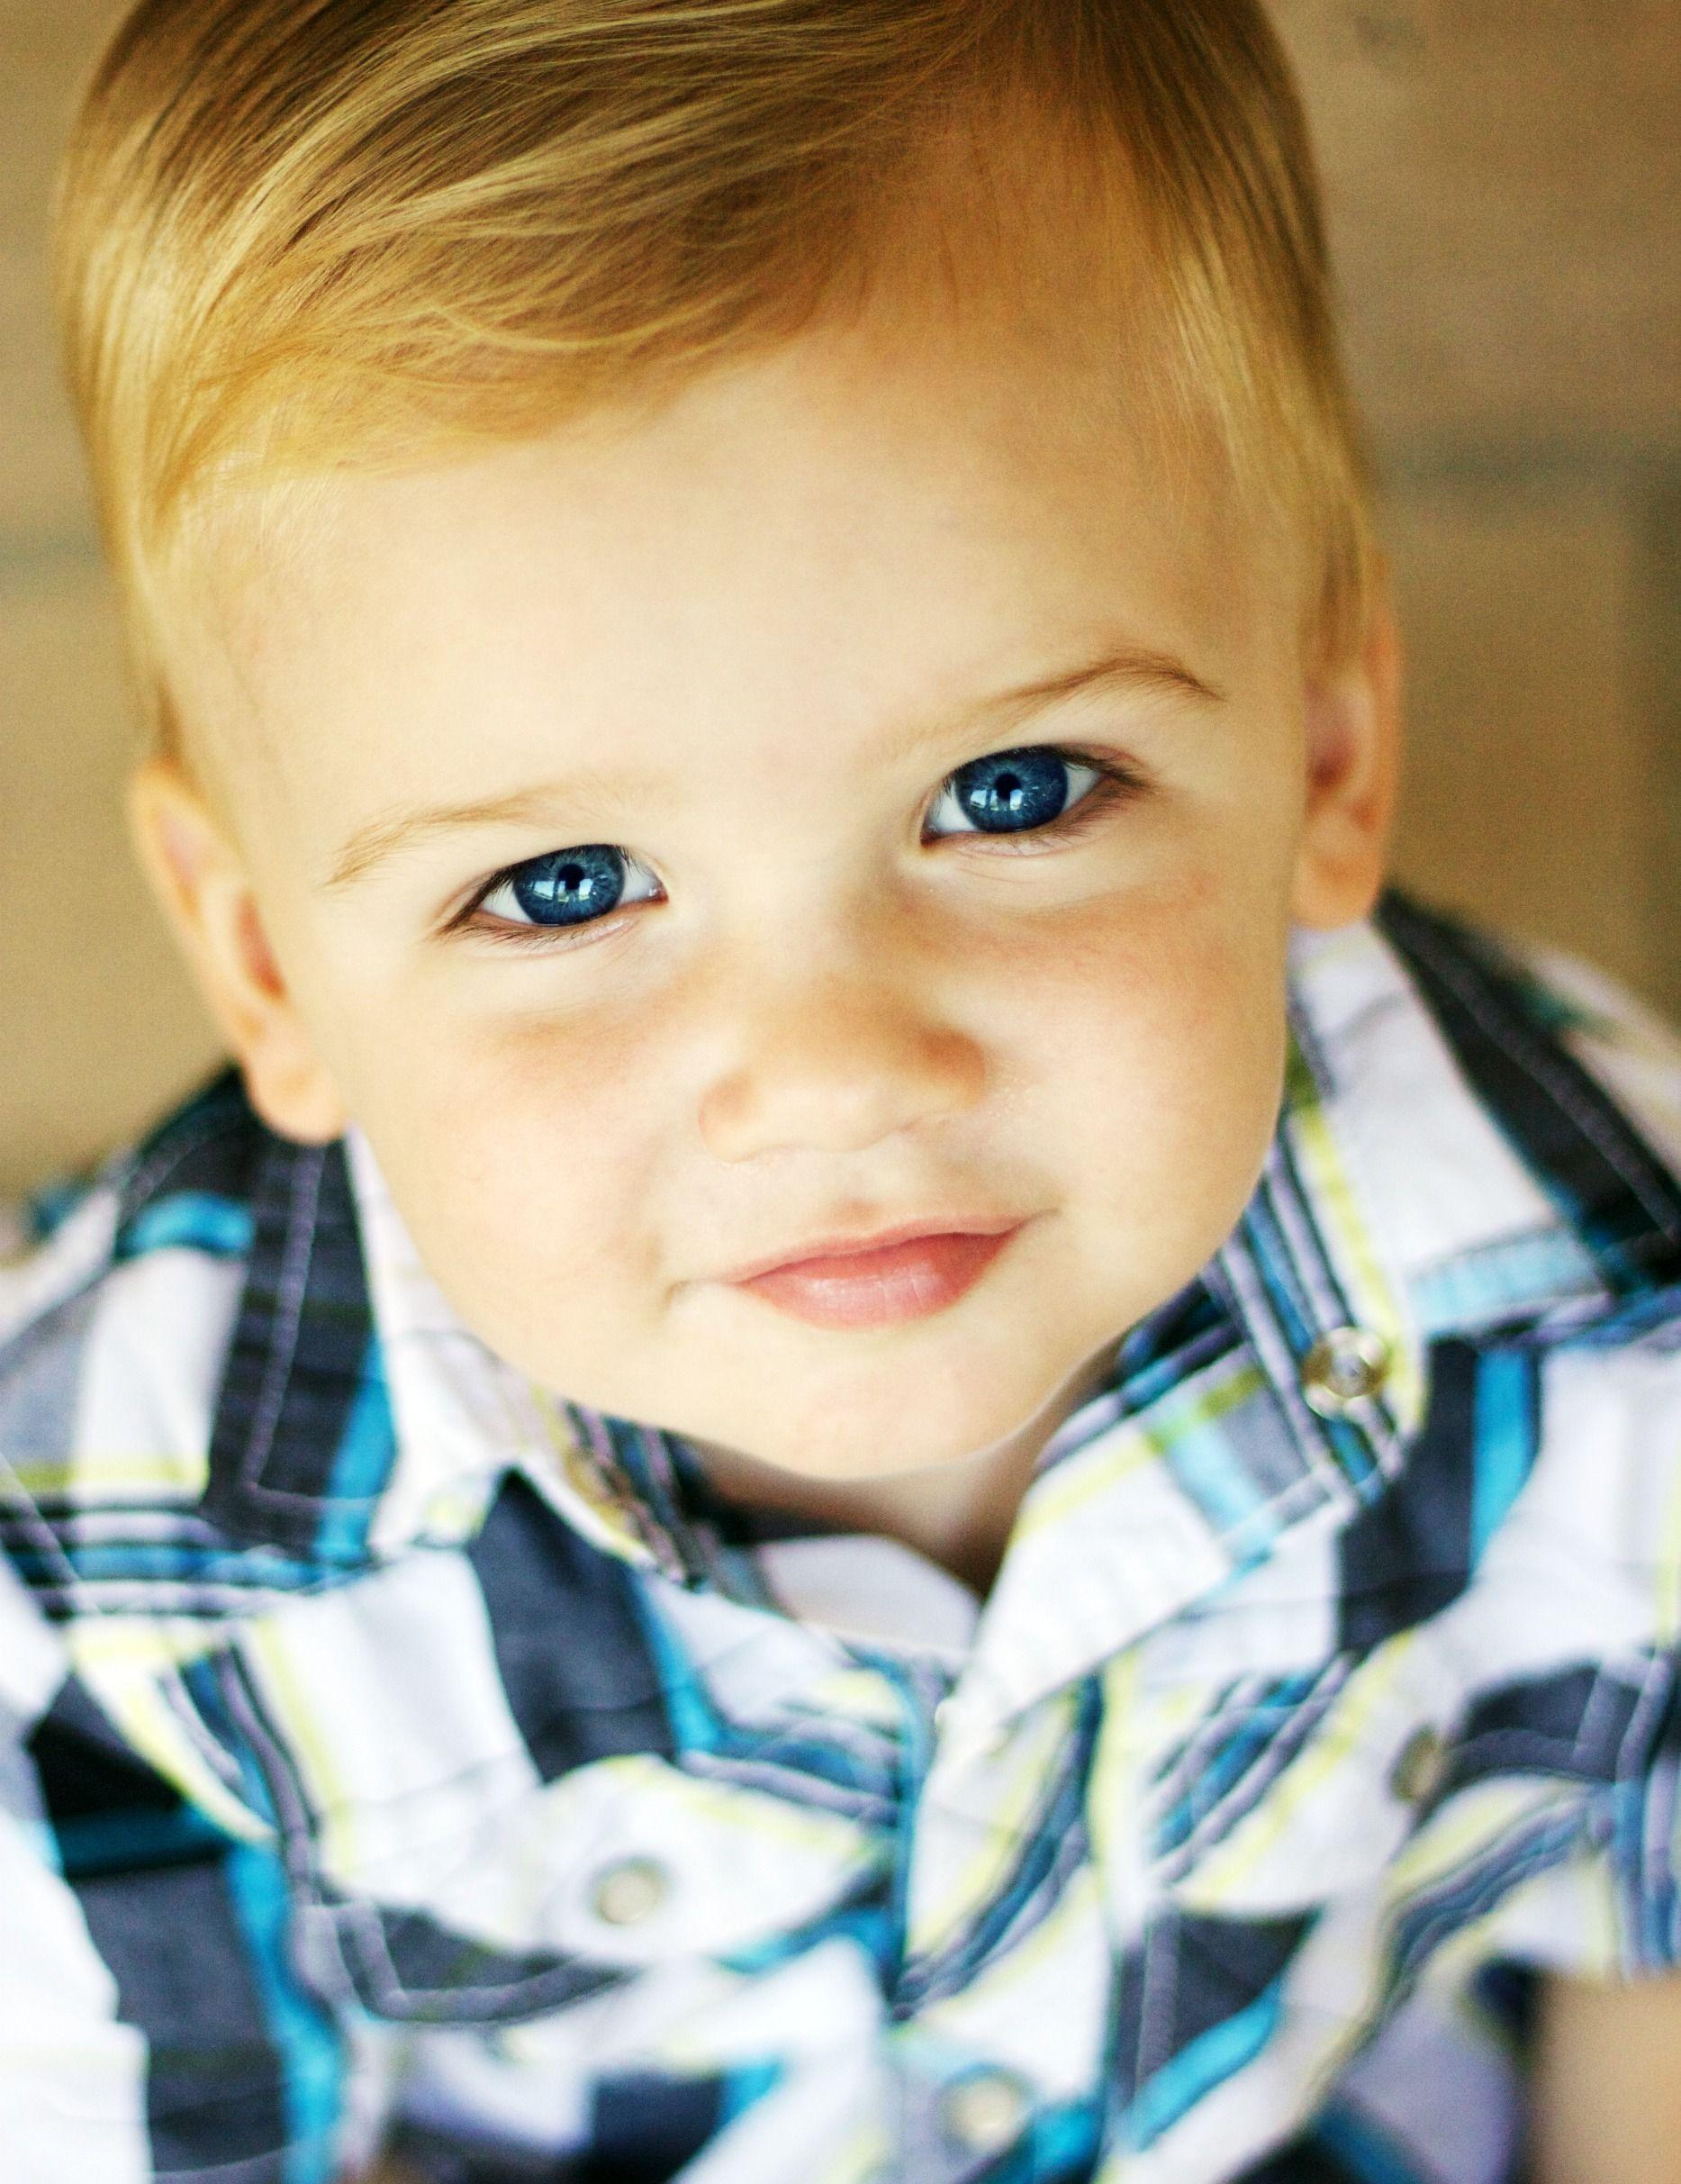 بالصور صور اجمل اطفال , احلى وارق الاطفال في صور معبرة 1293 5